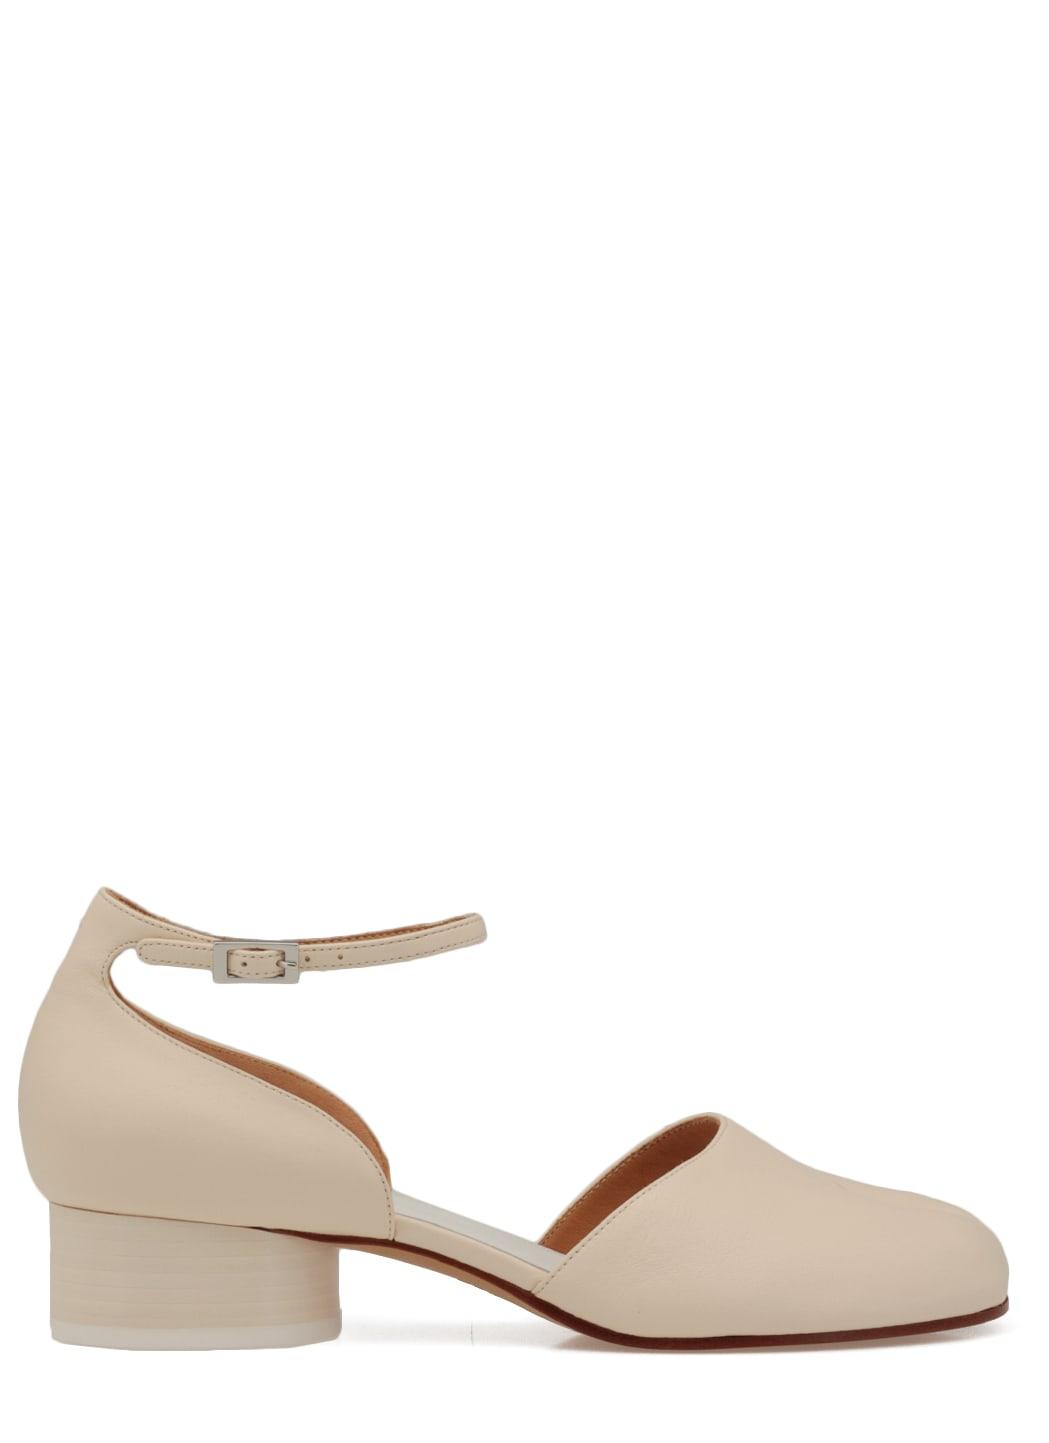 Buy Maison Margiela Leather Tabi Shoe online, shop Maison Margiela shoes with free shipping